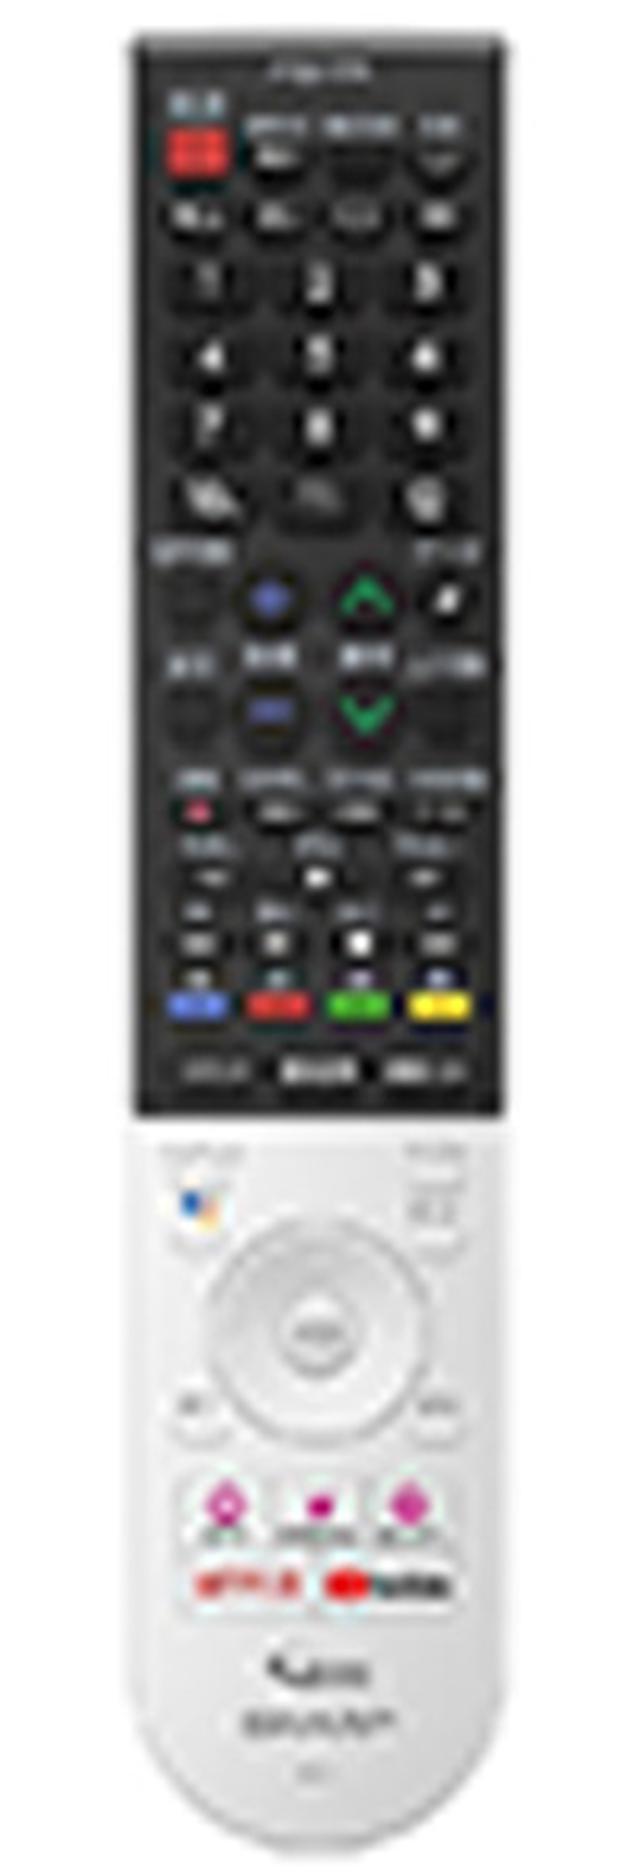 画像7: 【4Kテレビのおすすめ】2K/4K変換処理の性能がアップ!評価の高い15機種を徹底比較